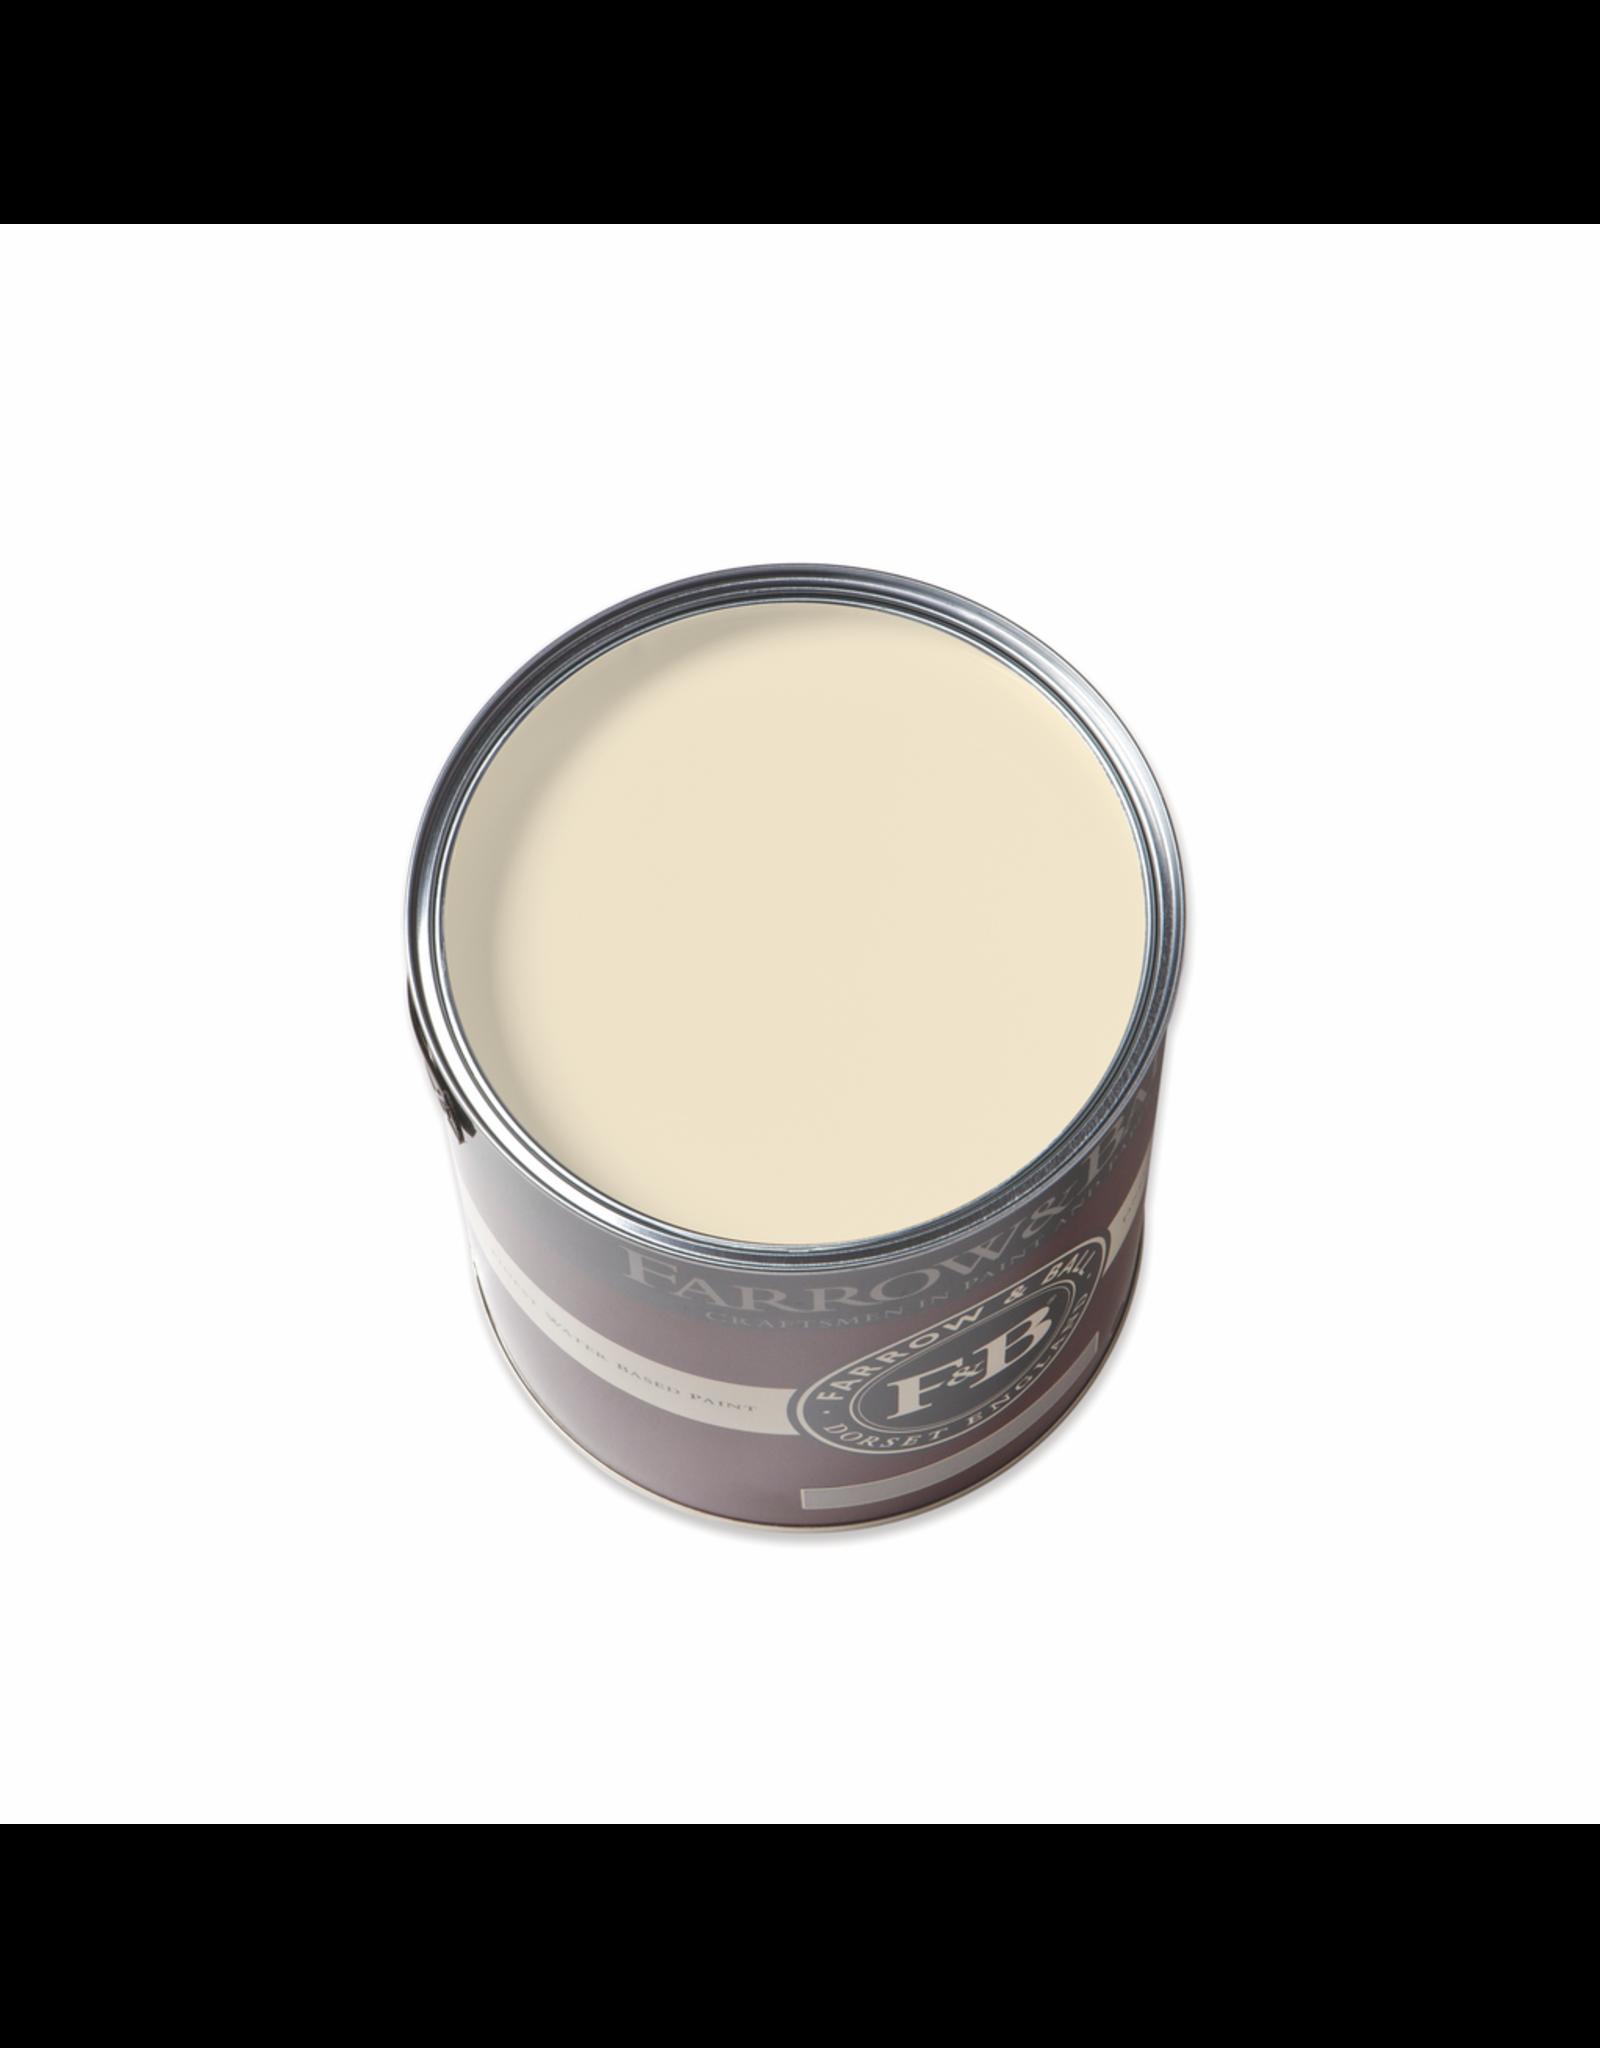 Farrow and Ball Gallon Modern Emulsion Tallow No. 203